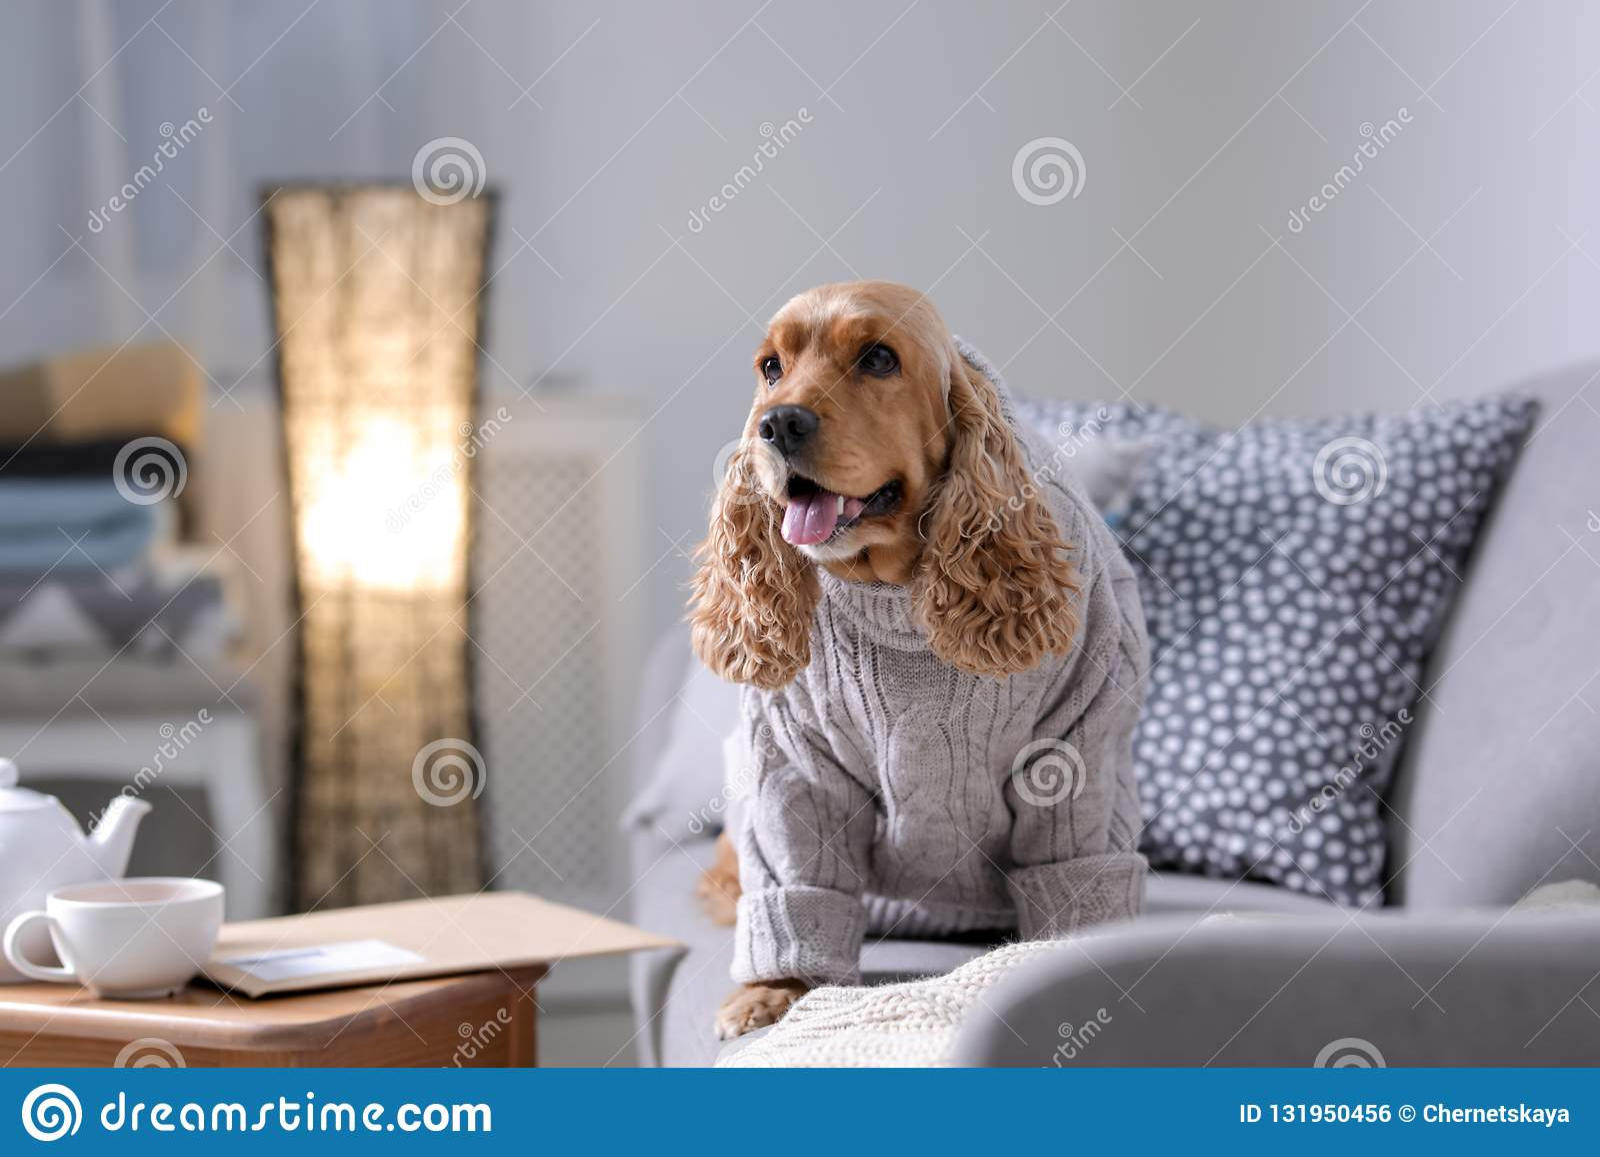 Netter Cocker Spaniel-Hund in gestrickter Strickjacke auf Sofa zu Hause